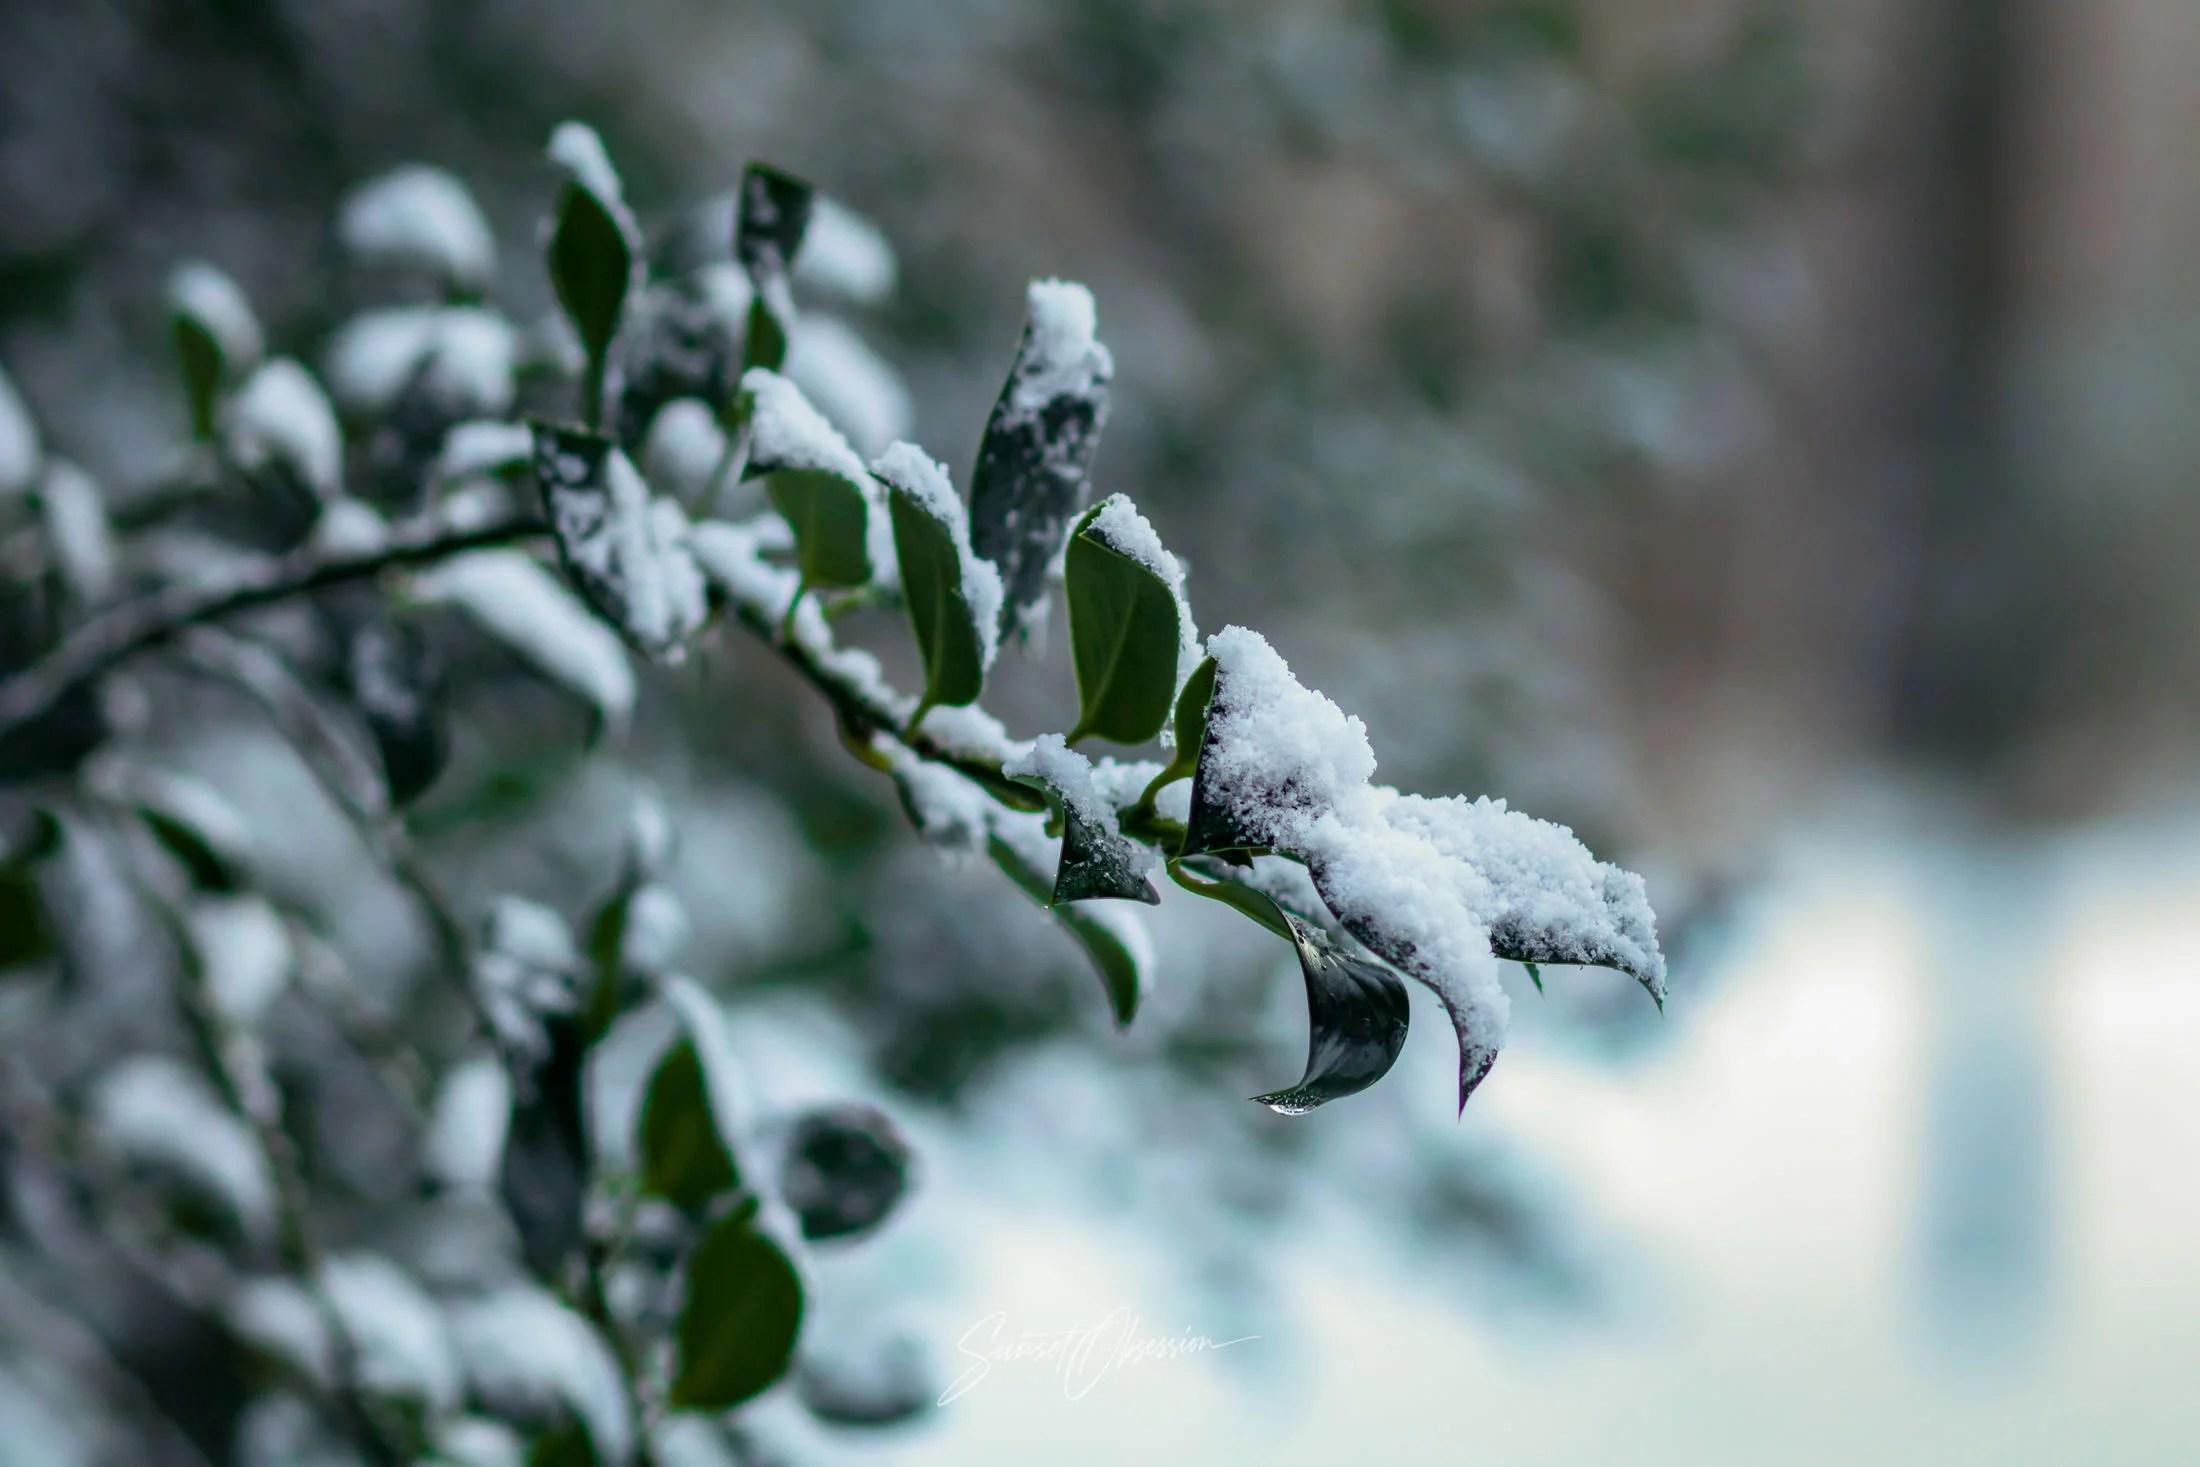 Зимняя фотография хороша тем, что зимой даже совершенно обыденные вещи выглядят сказочно и волшебно